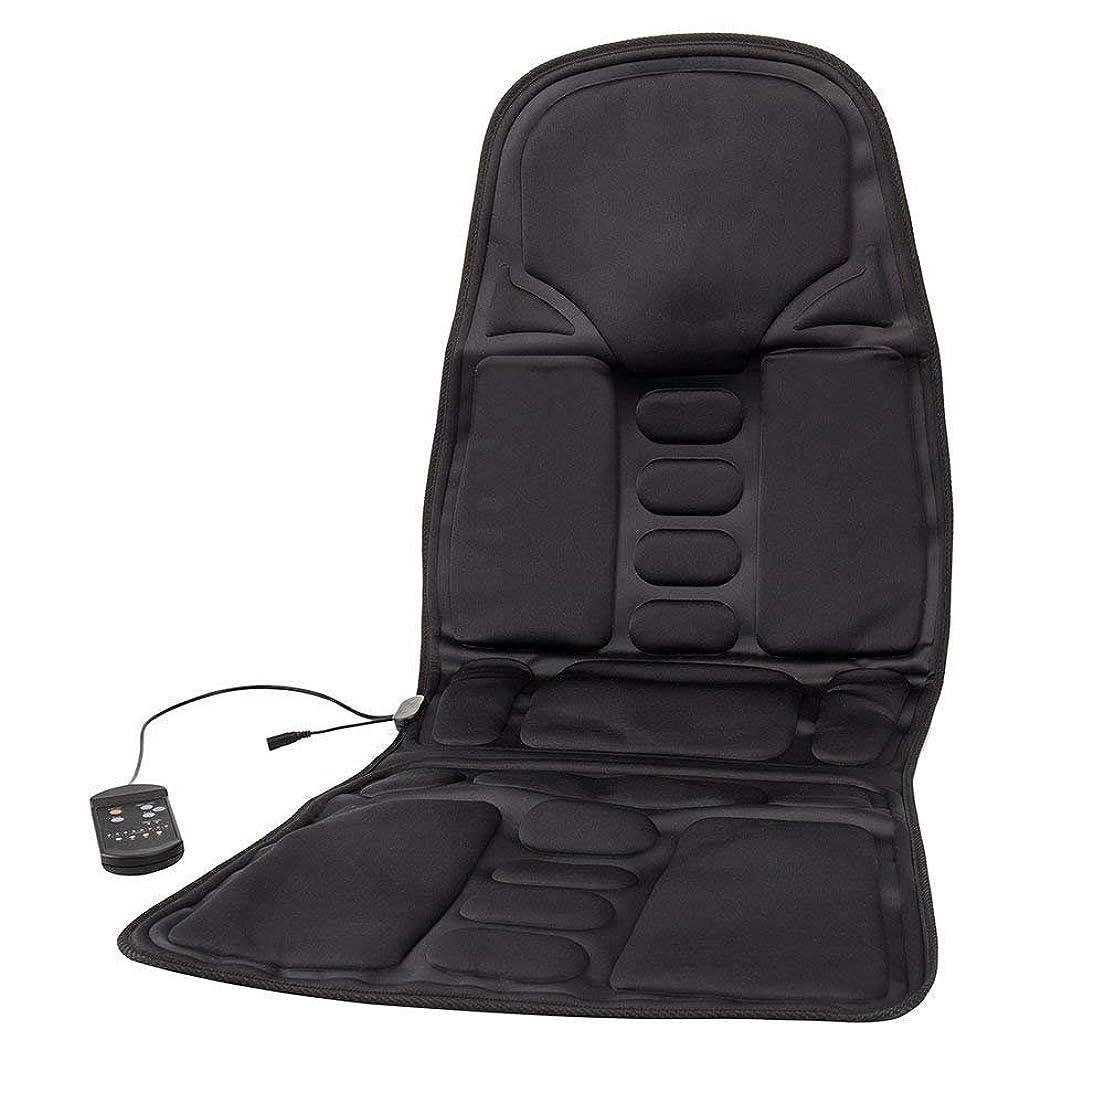 宣教師予感比較Bestjunly マッサージシート 車 カーシート 12V 黒 8段階マッサージモードフリー交換 座席ヒートクッション ヒーター搭載 高品質 ブラック